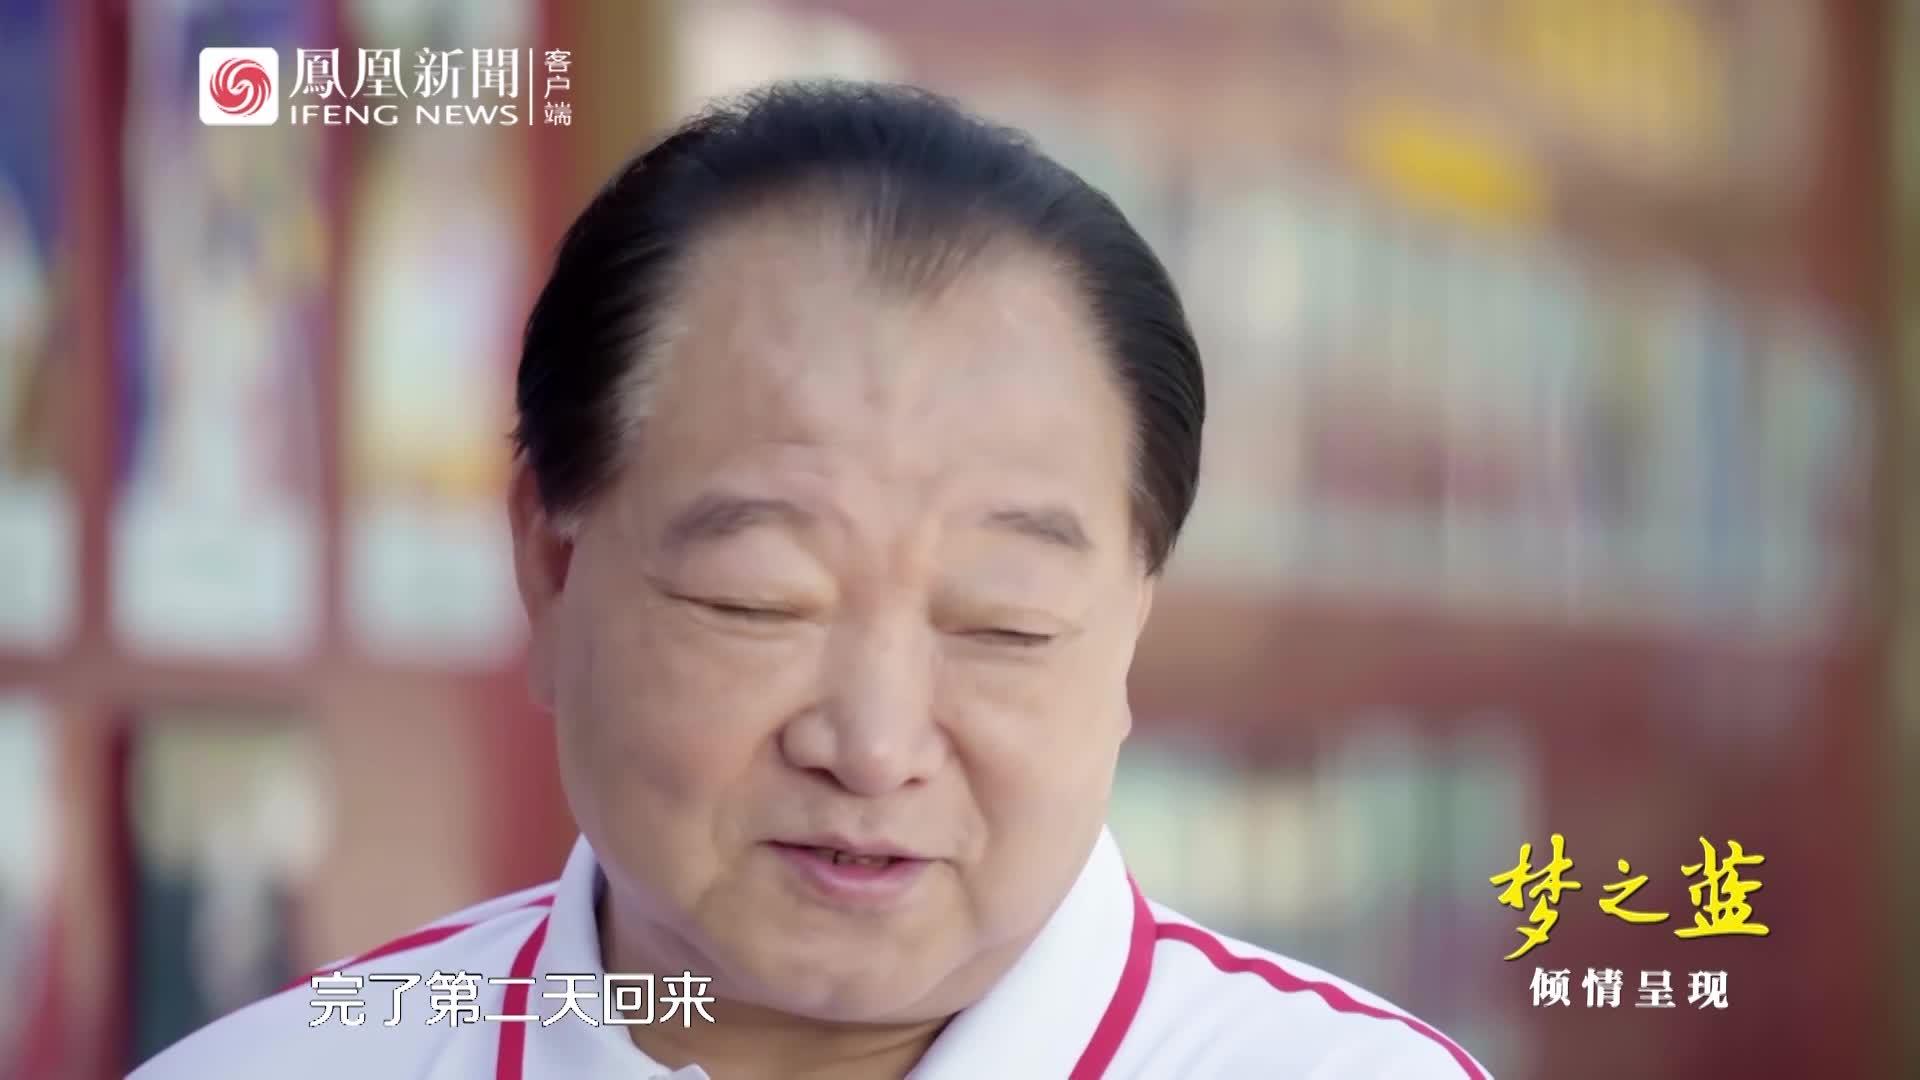 许海峰:本来北京奥运会飞天点火的是我,我放弃了,就定了李宁